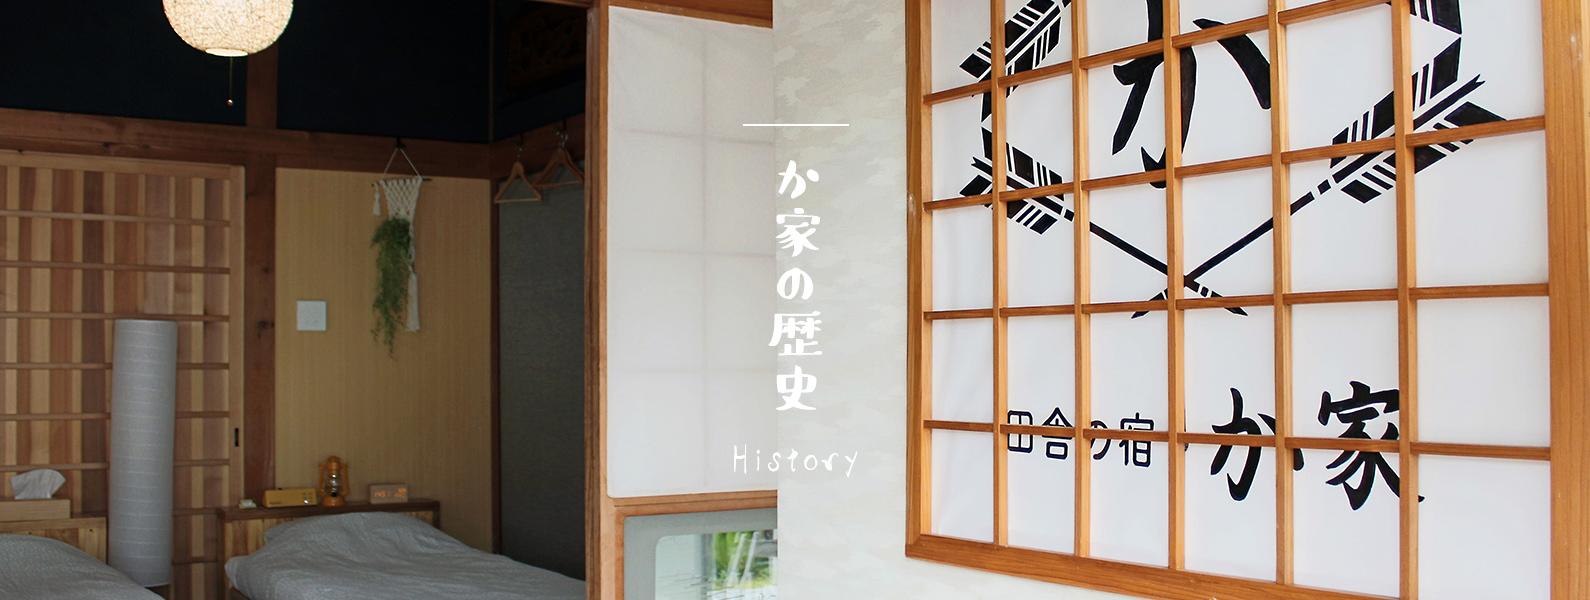 田舎の宿か家歴史